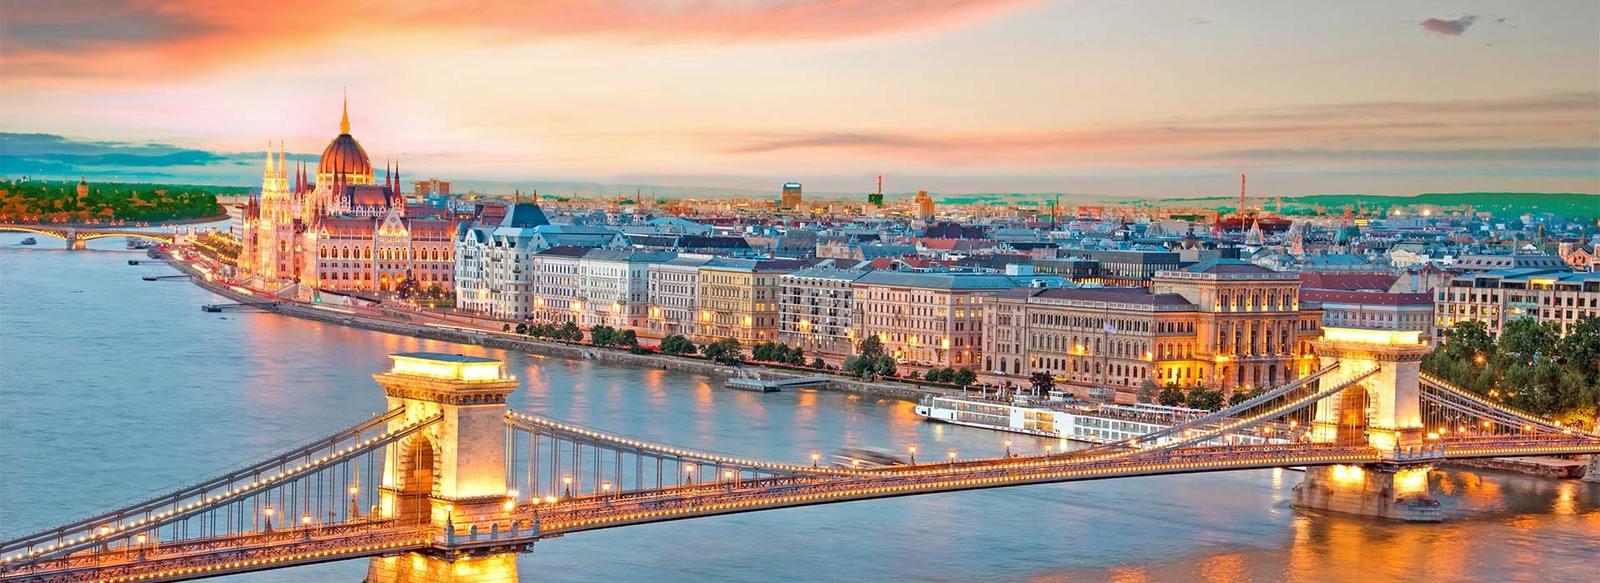 Miglior prezzo Hotel Nh Budapest City - Budapest - Ungheria Centrale